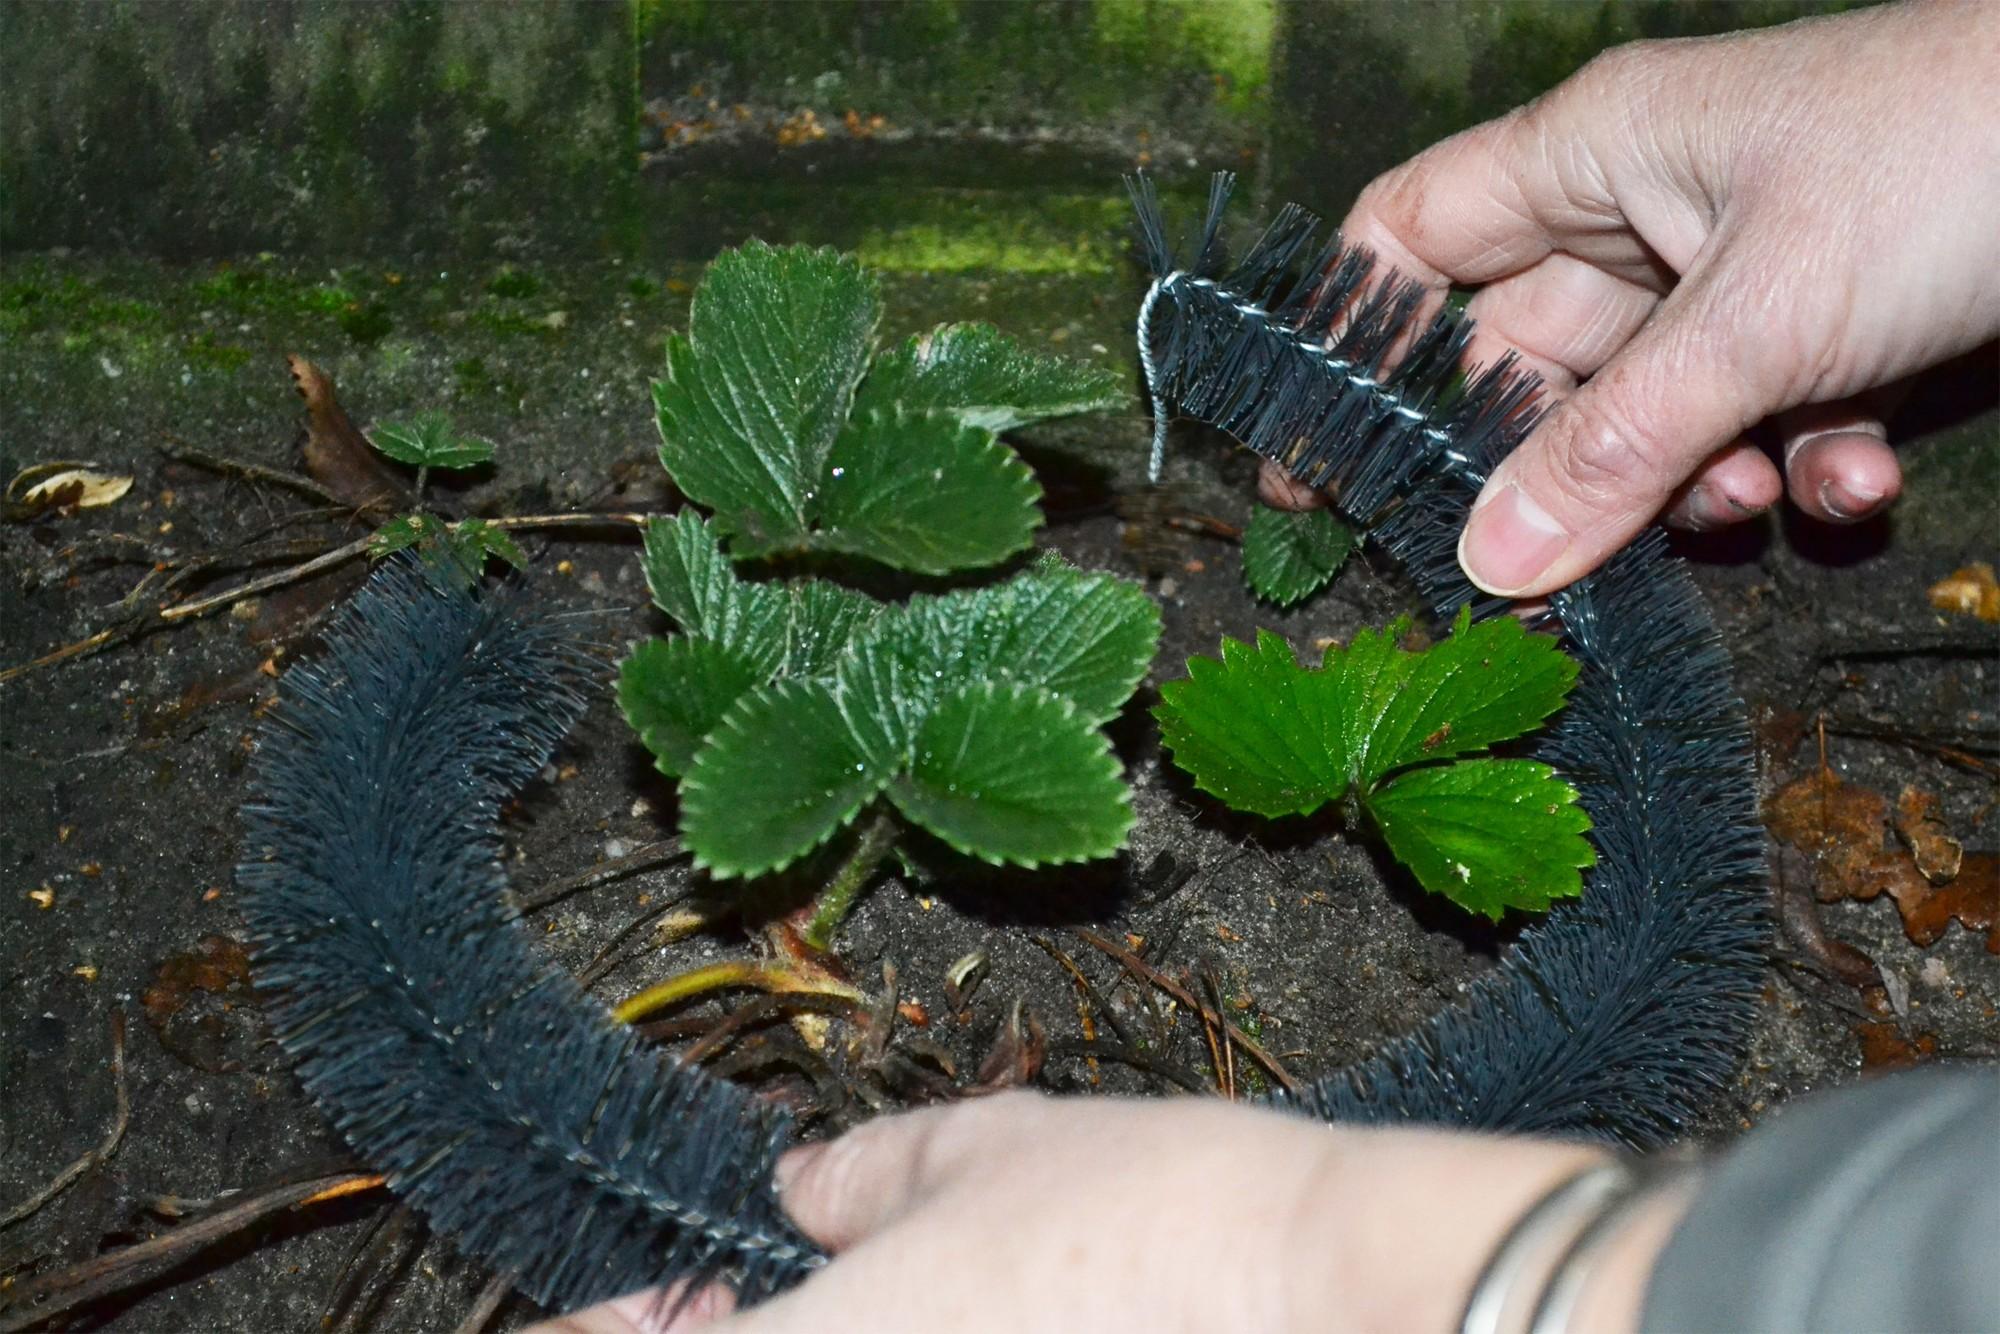 Slakkenborstels 4 borstels op een lengte van 100cm